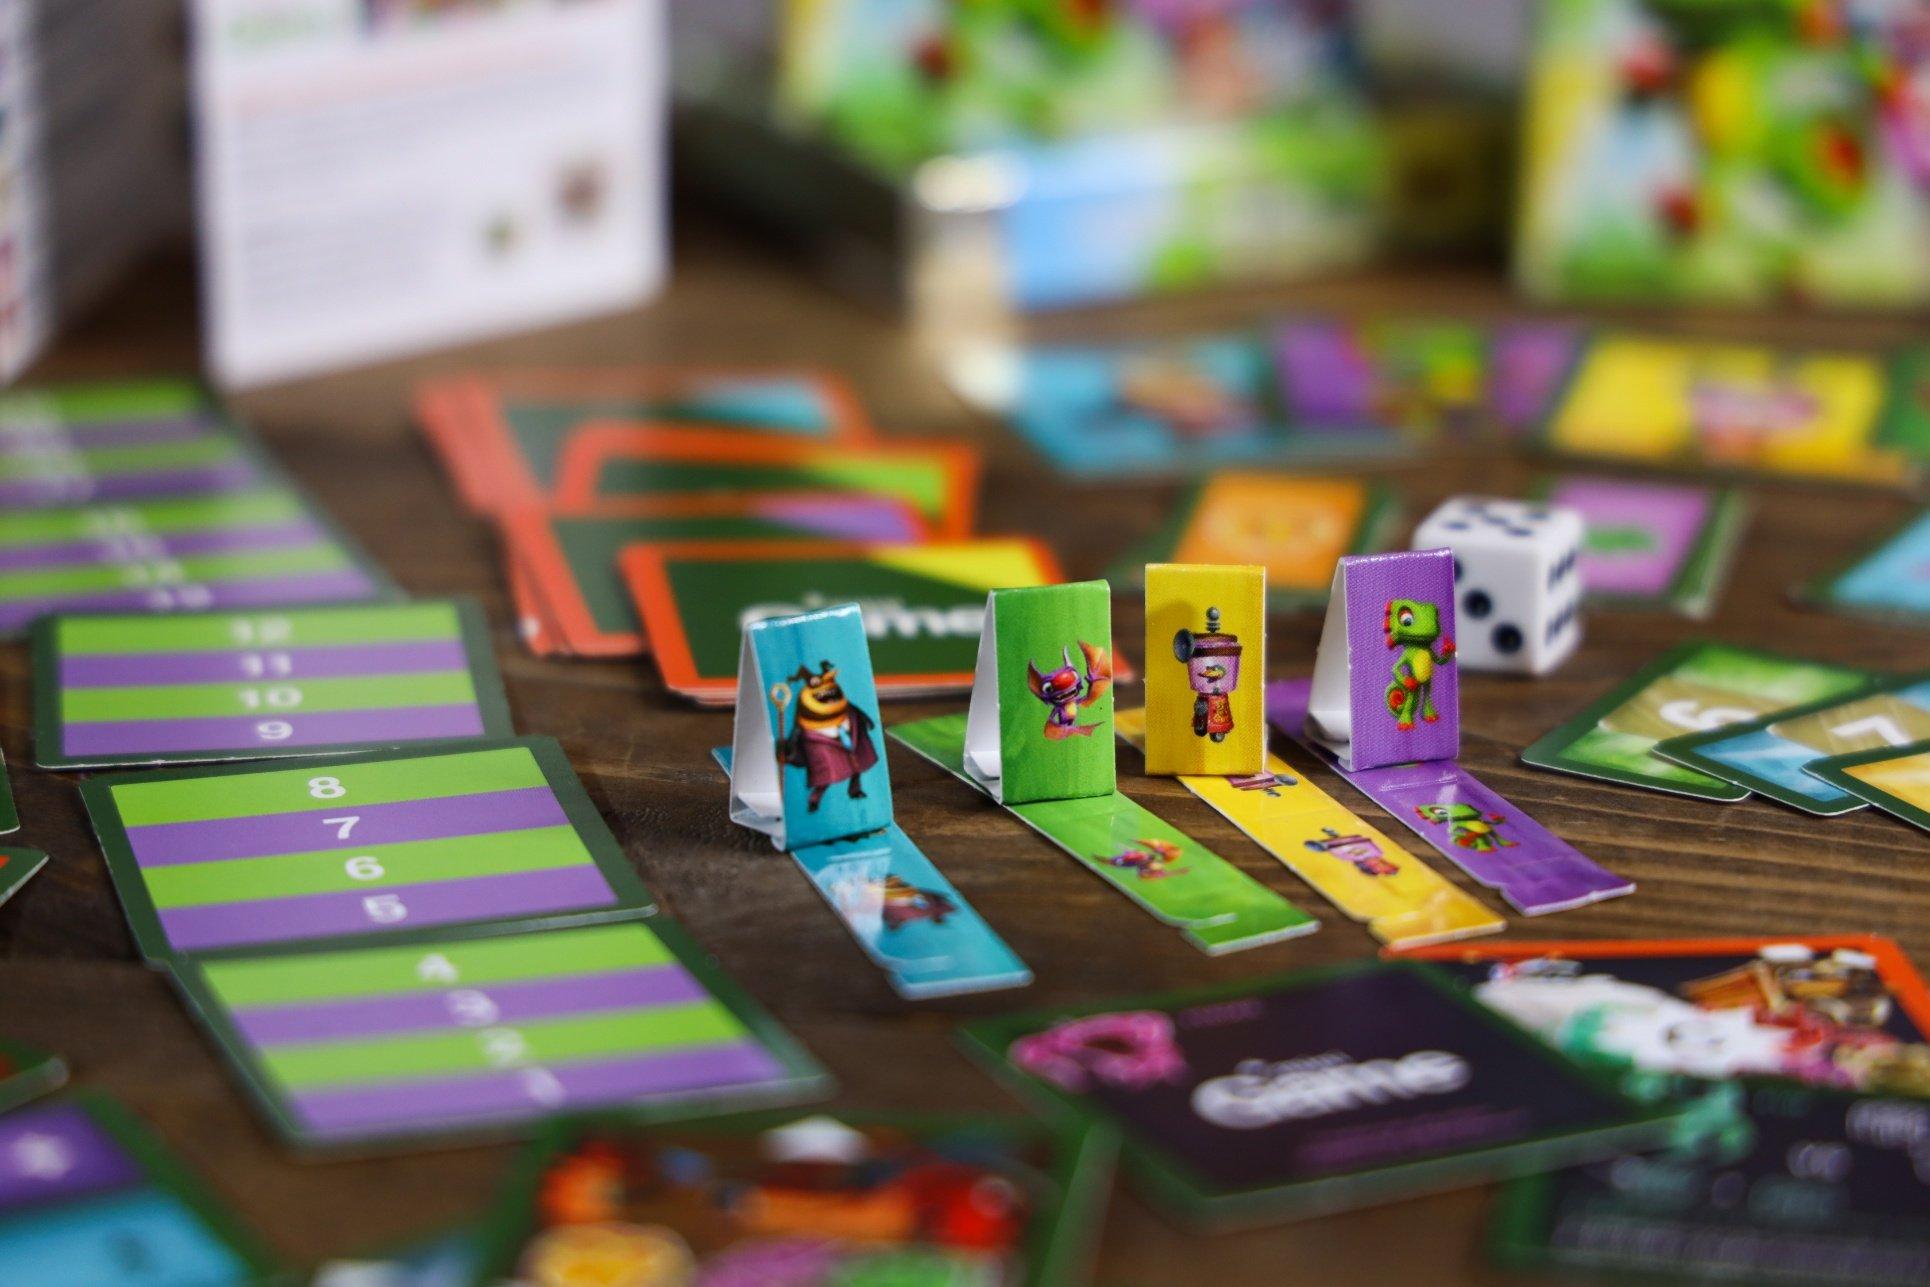 《尤卡莱莉大冒险》将推出衍生桌面游戏